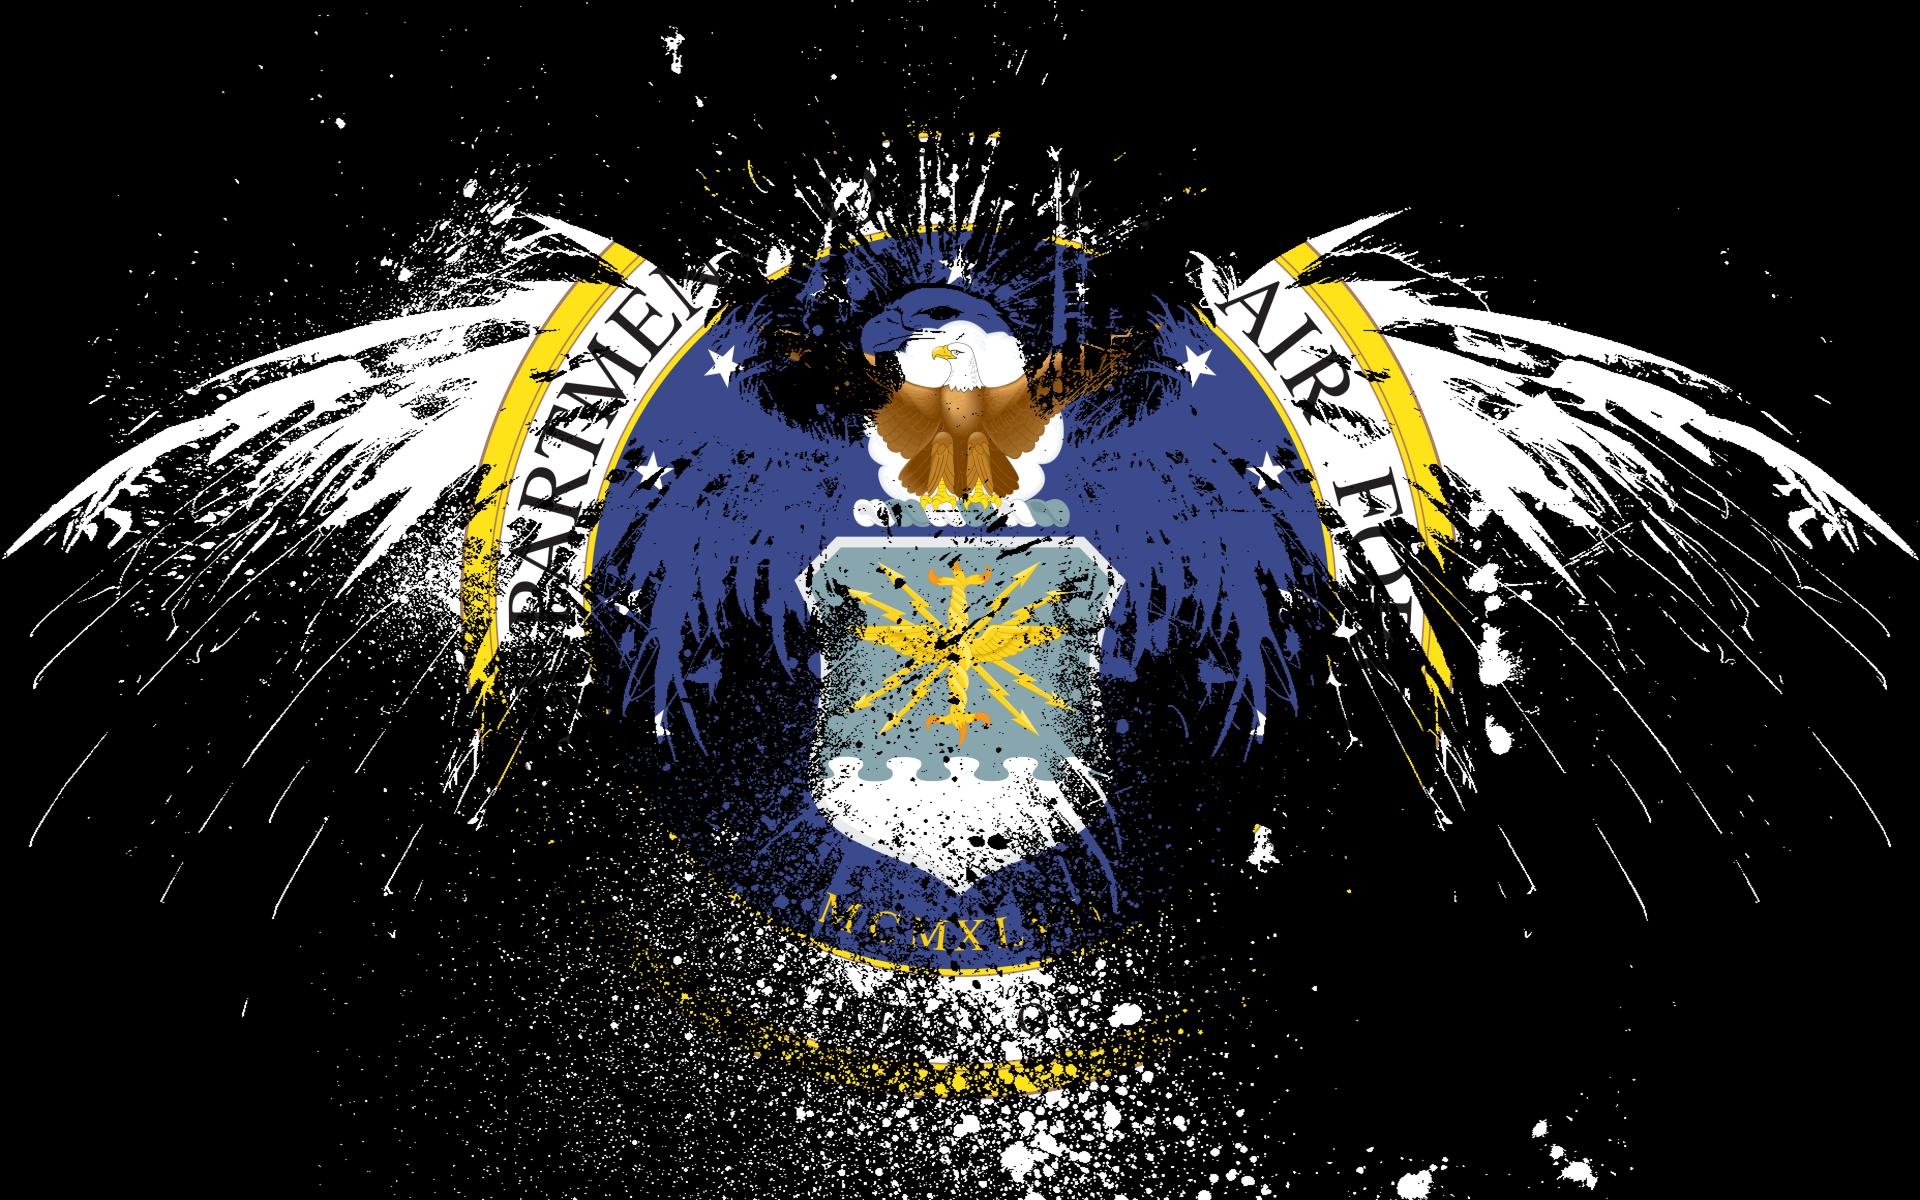 Air Force SEAL Wallpaper - WallpaperSafari